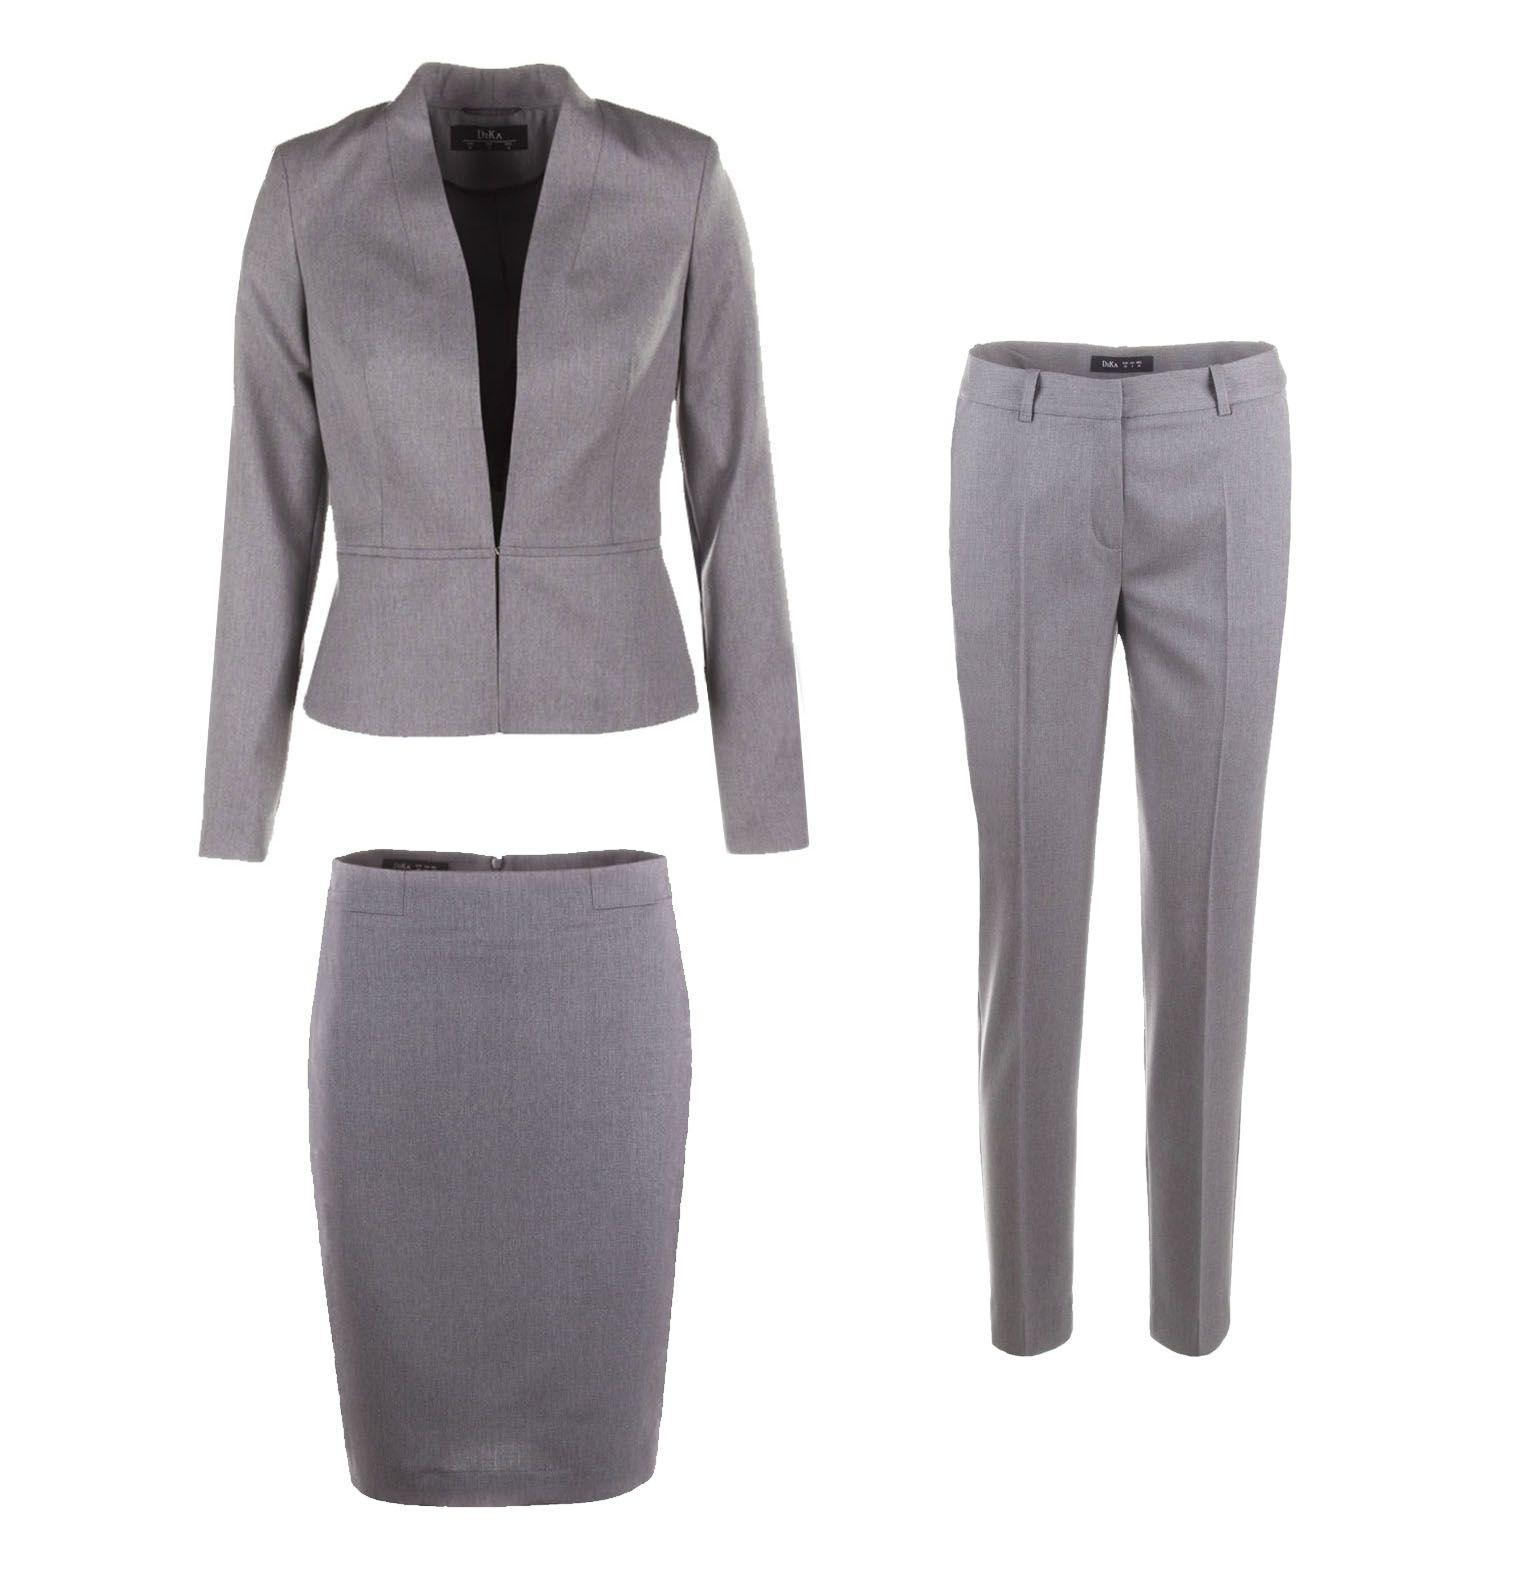 200da8c222e Ново предложение от DiKa! Дамски костюм от 100% финна вълна www.DiKa.bg New  offer from DiKa! Ladies suit made of 100% fine wool